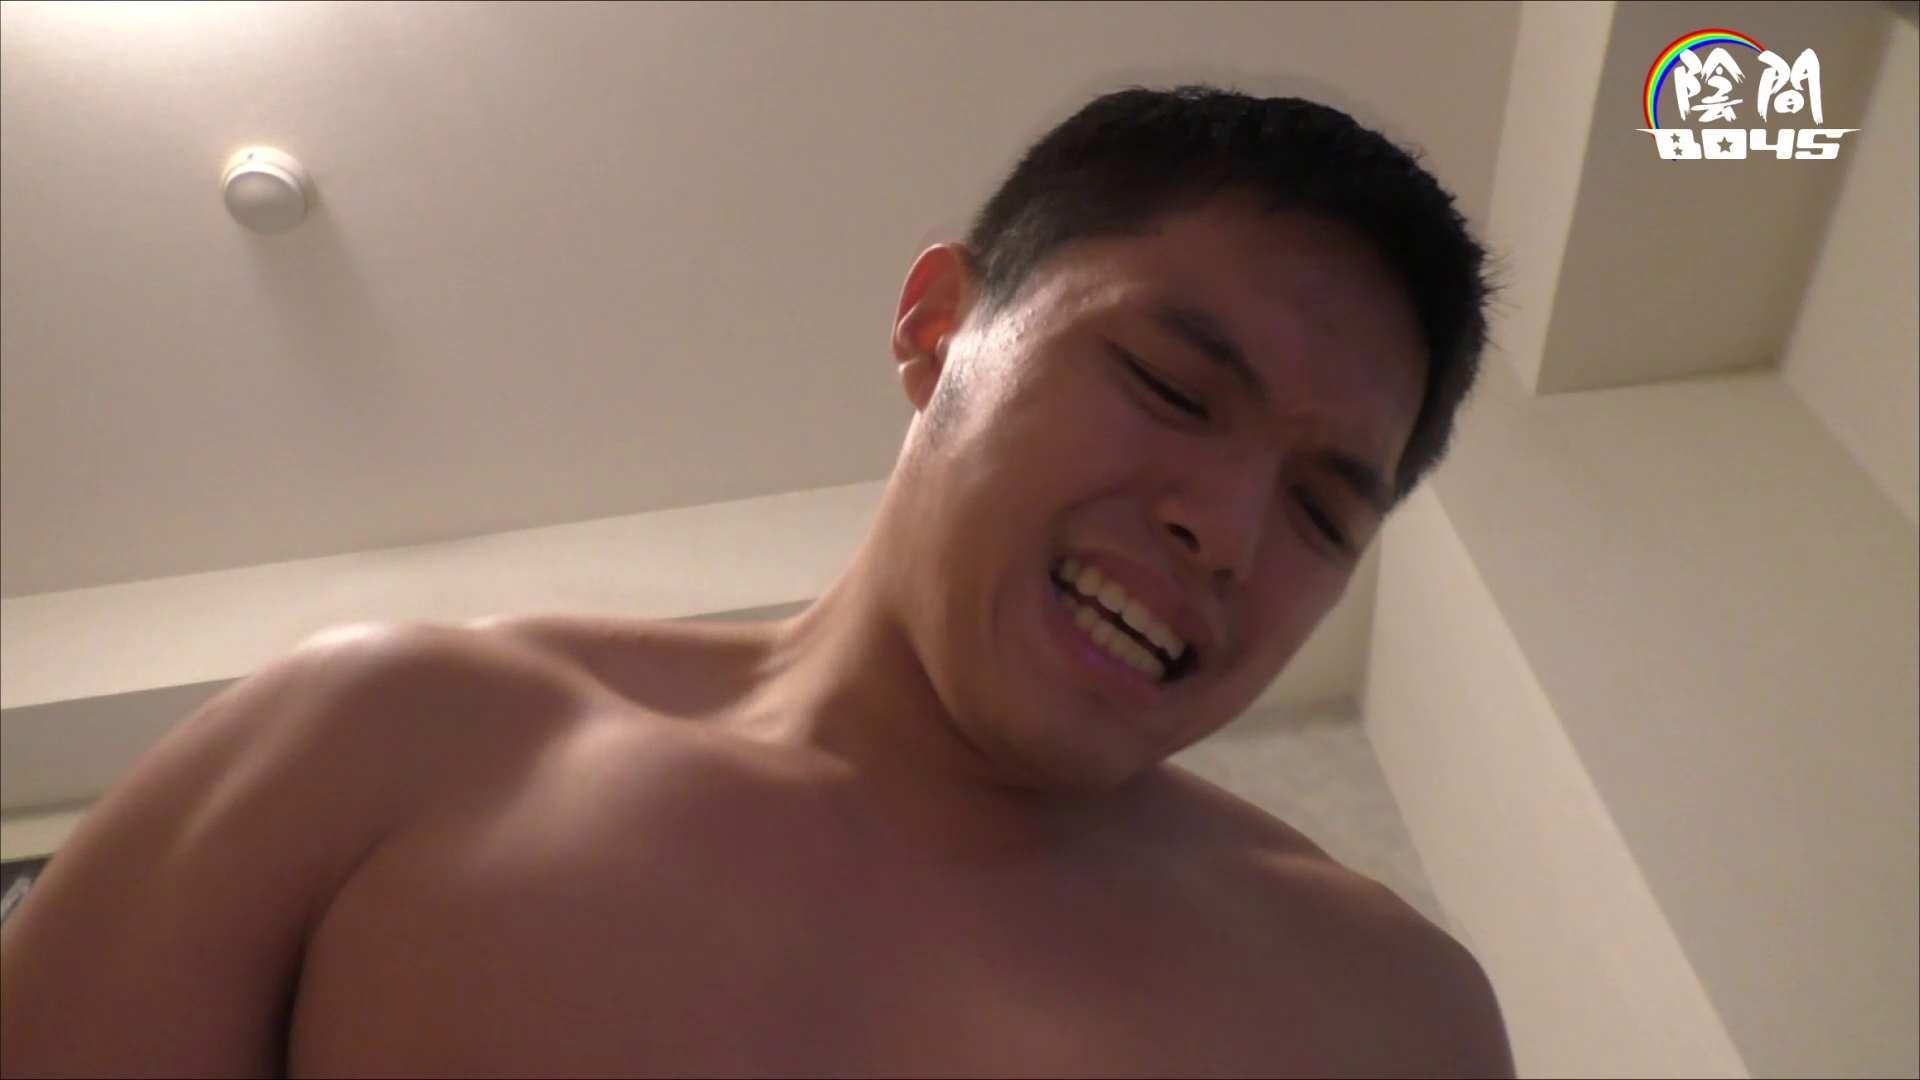 アナルで営業ワン・ツー・ スリーpart2 Vol.6 男まつり ゲイセックス画像 115枚 85